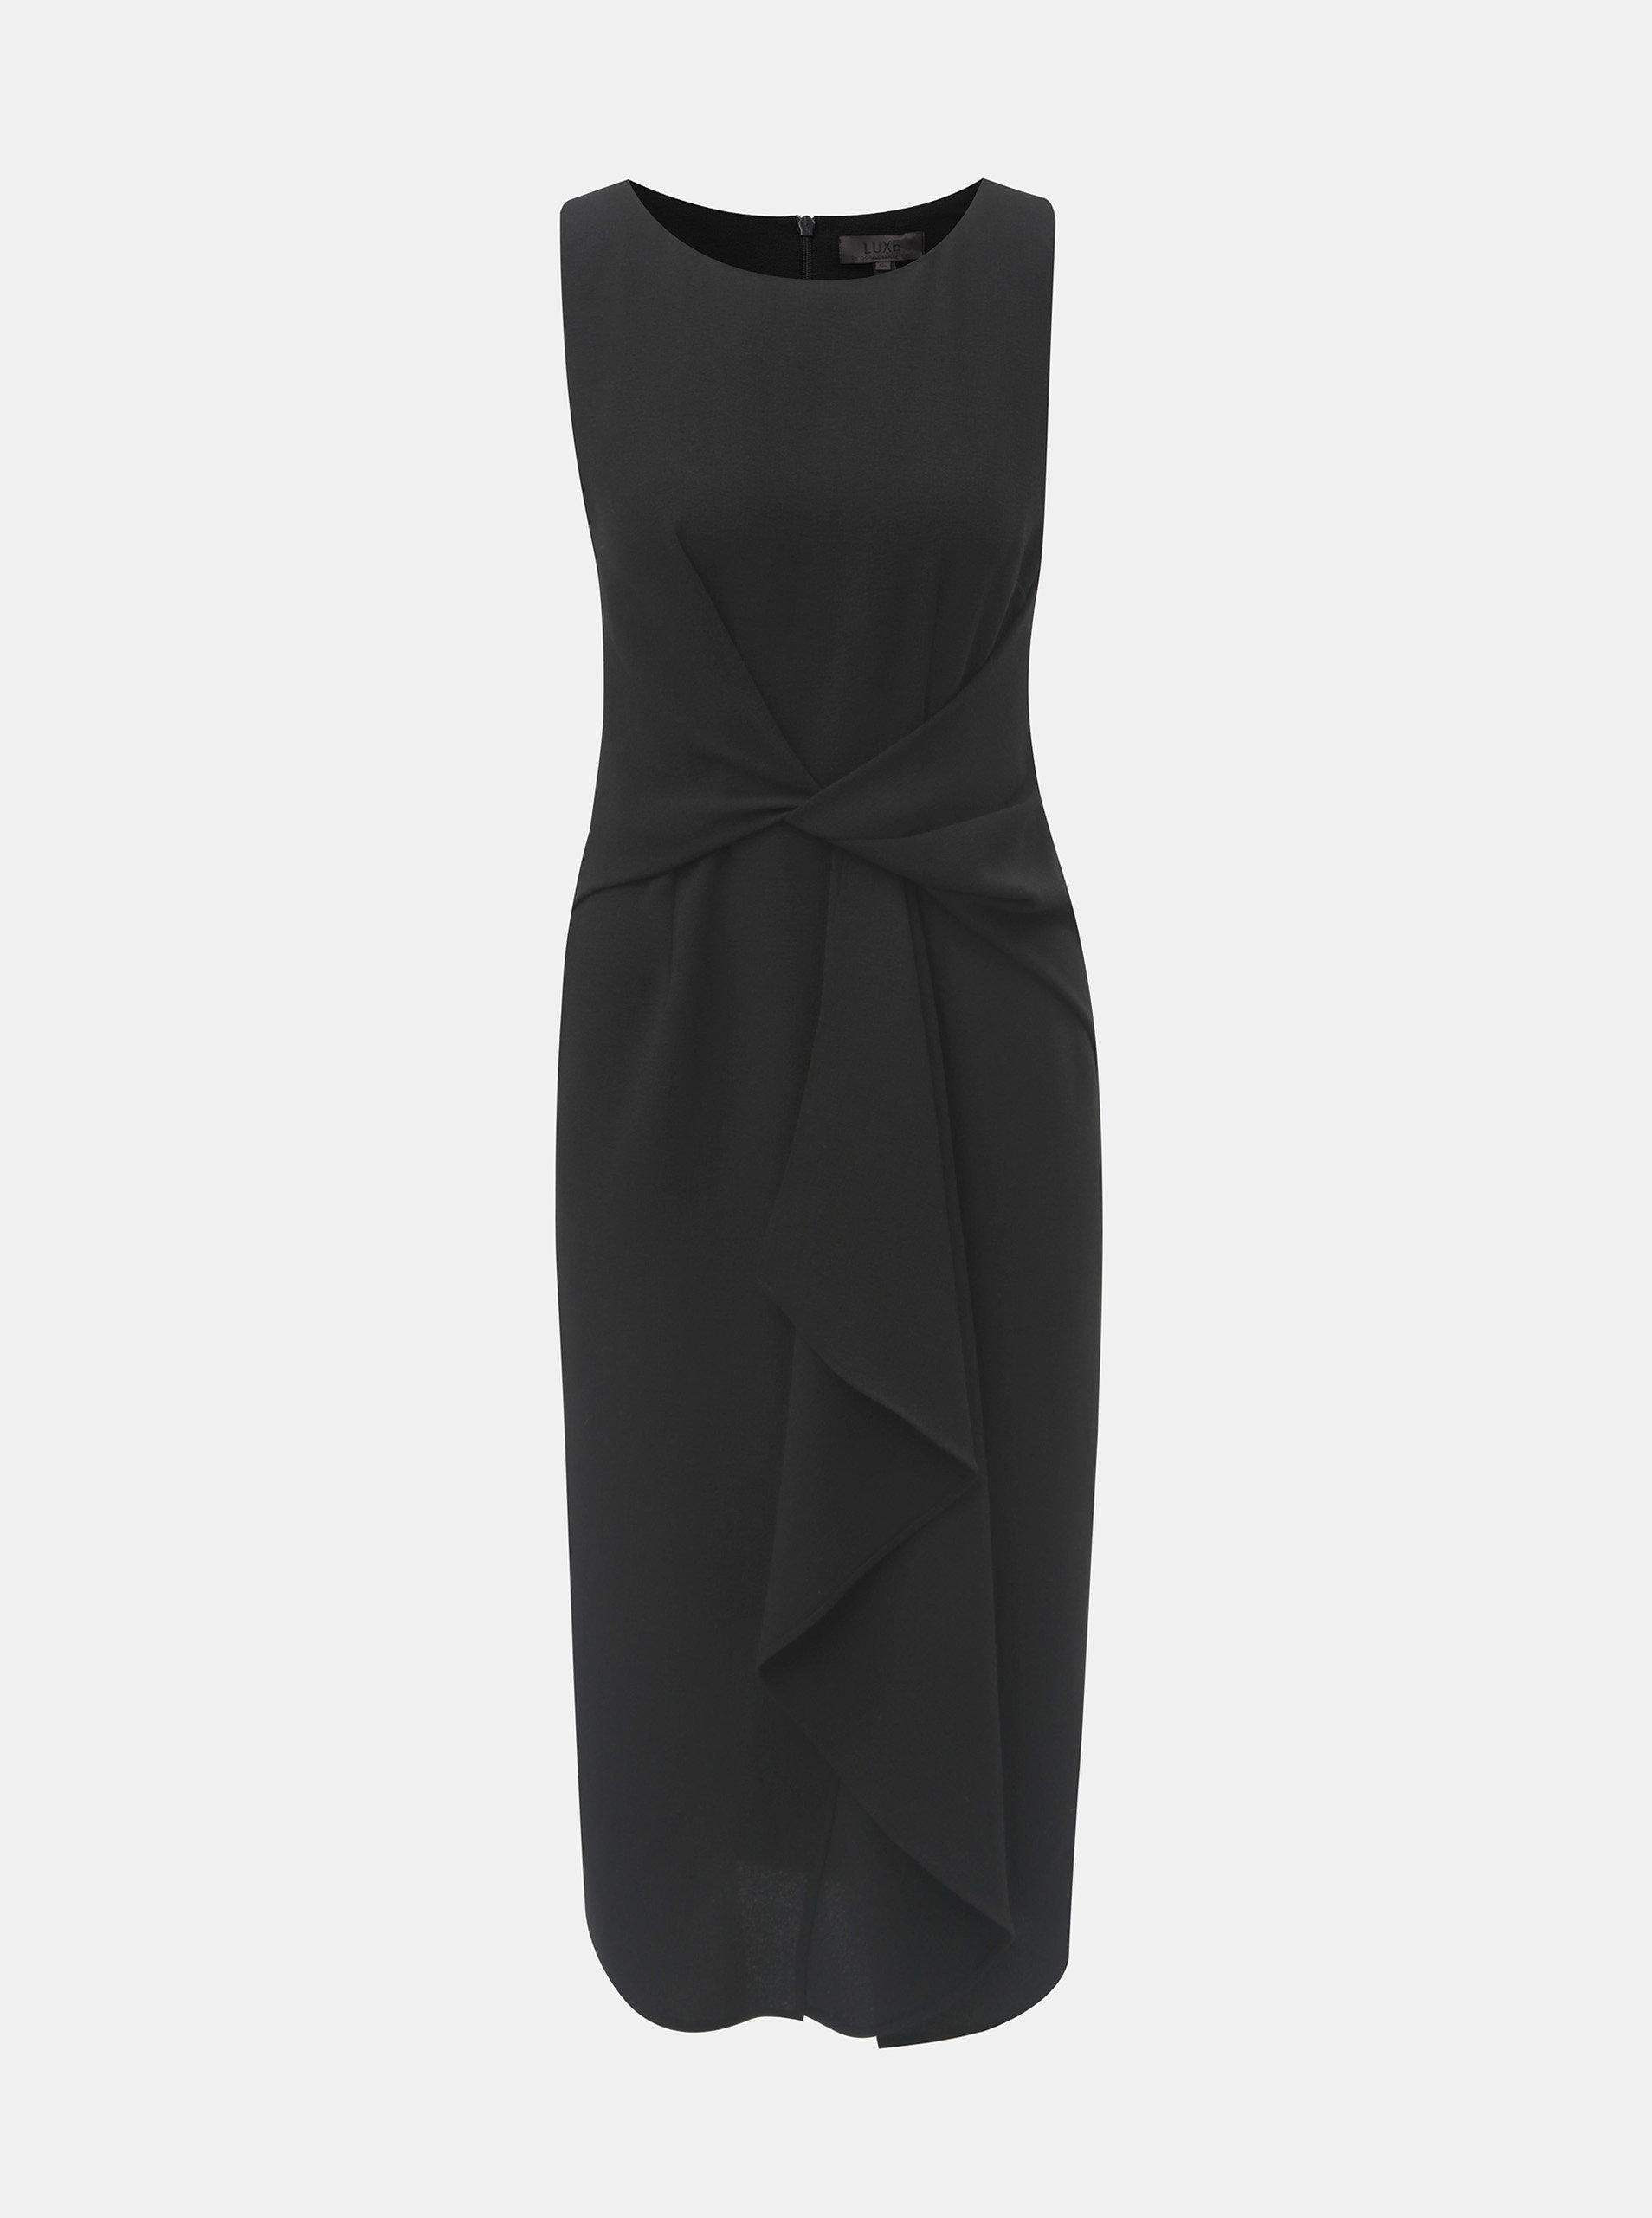 Čierne puzdrové šaty s volánom v prednej časti Dorothy Perkins ... 64a43a833b9